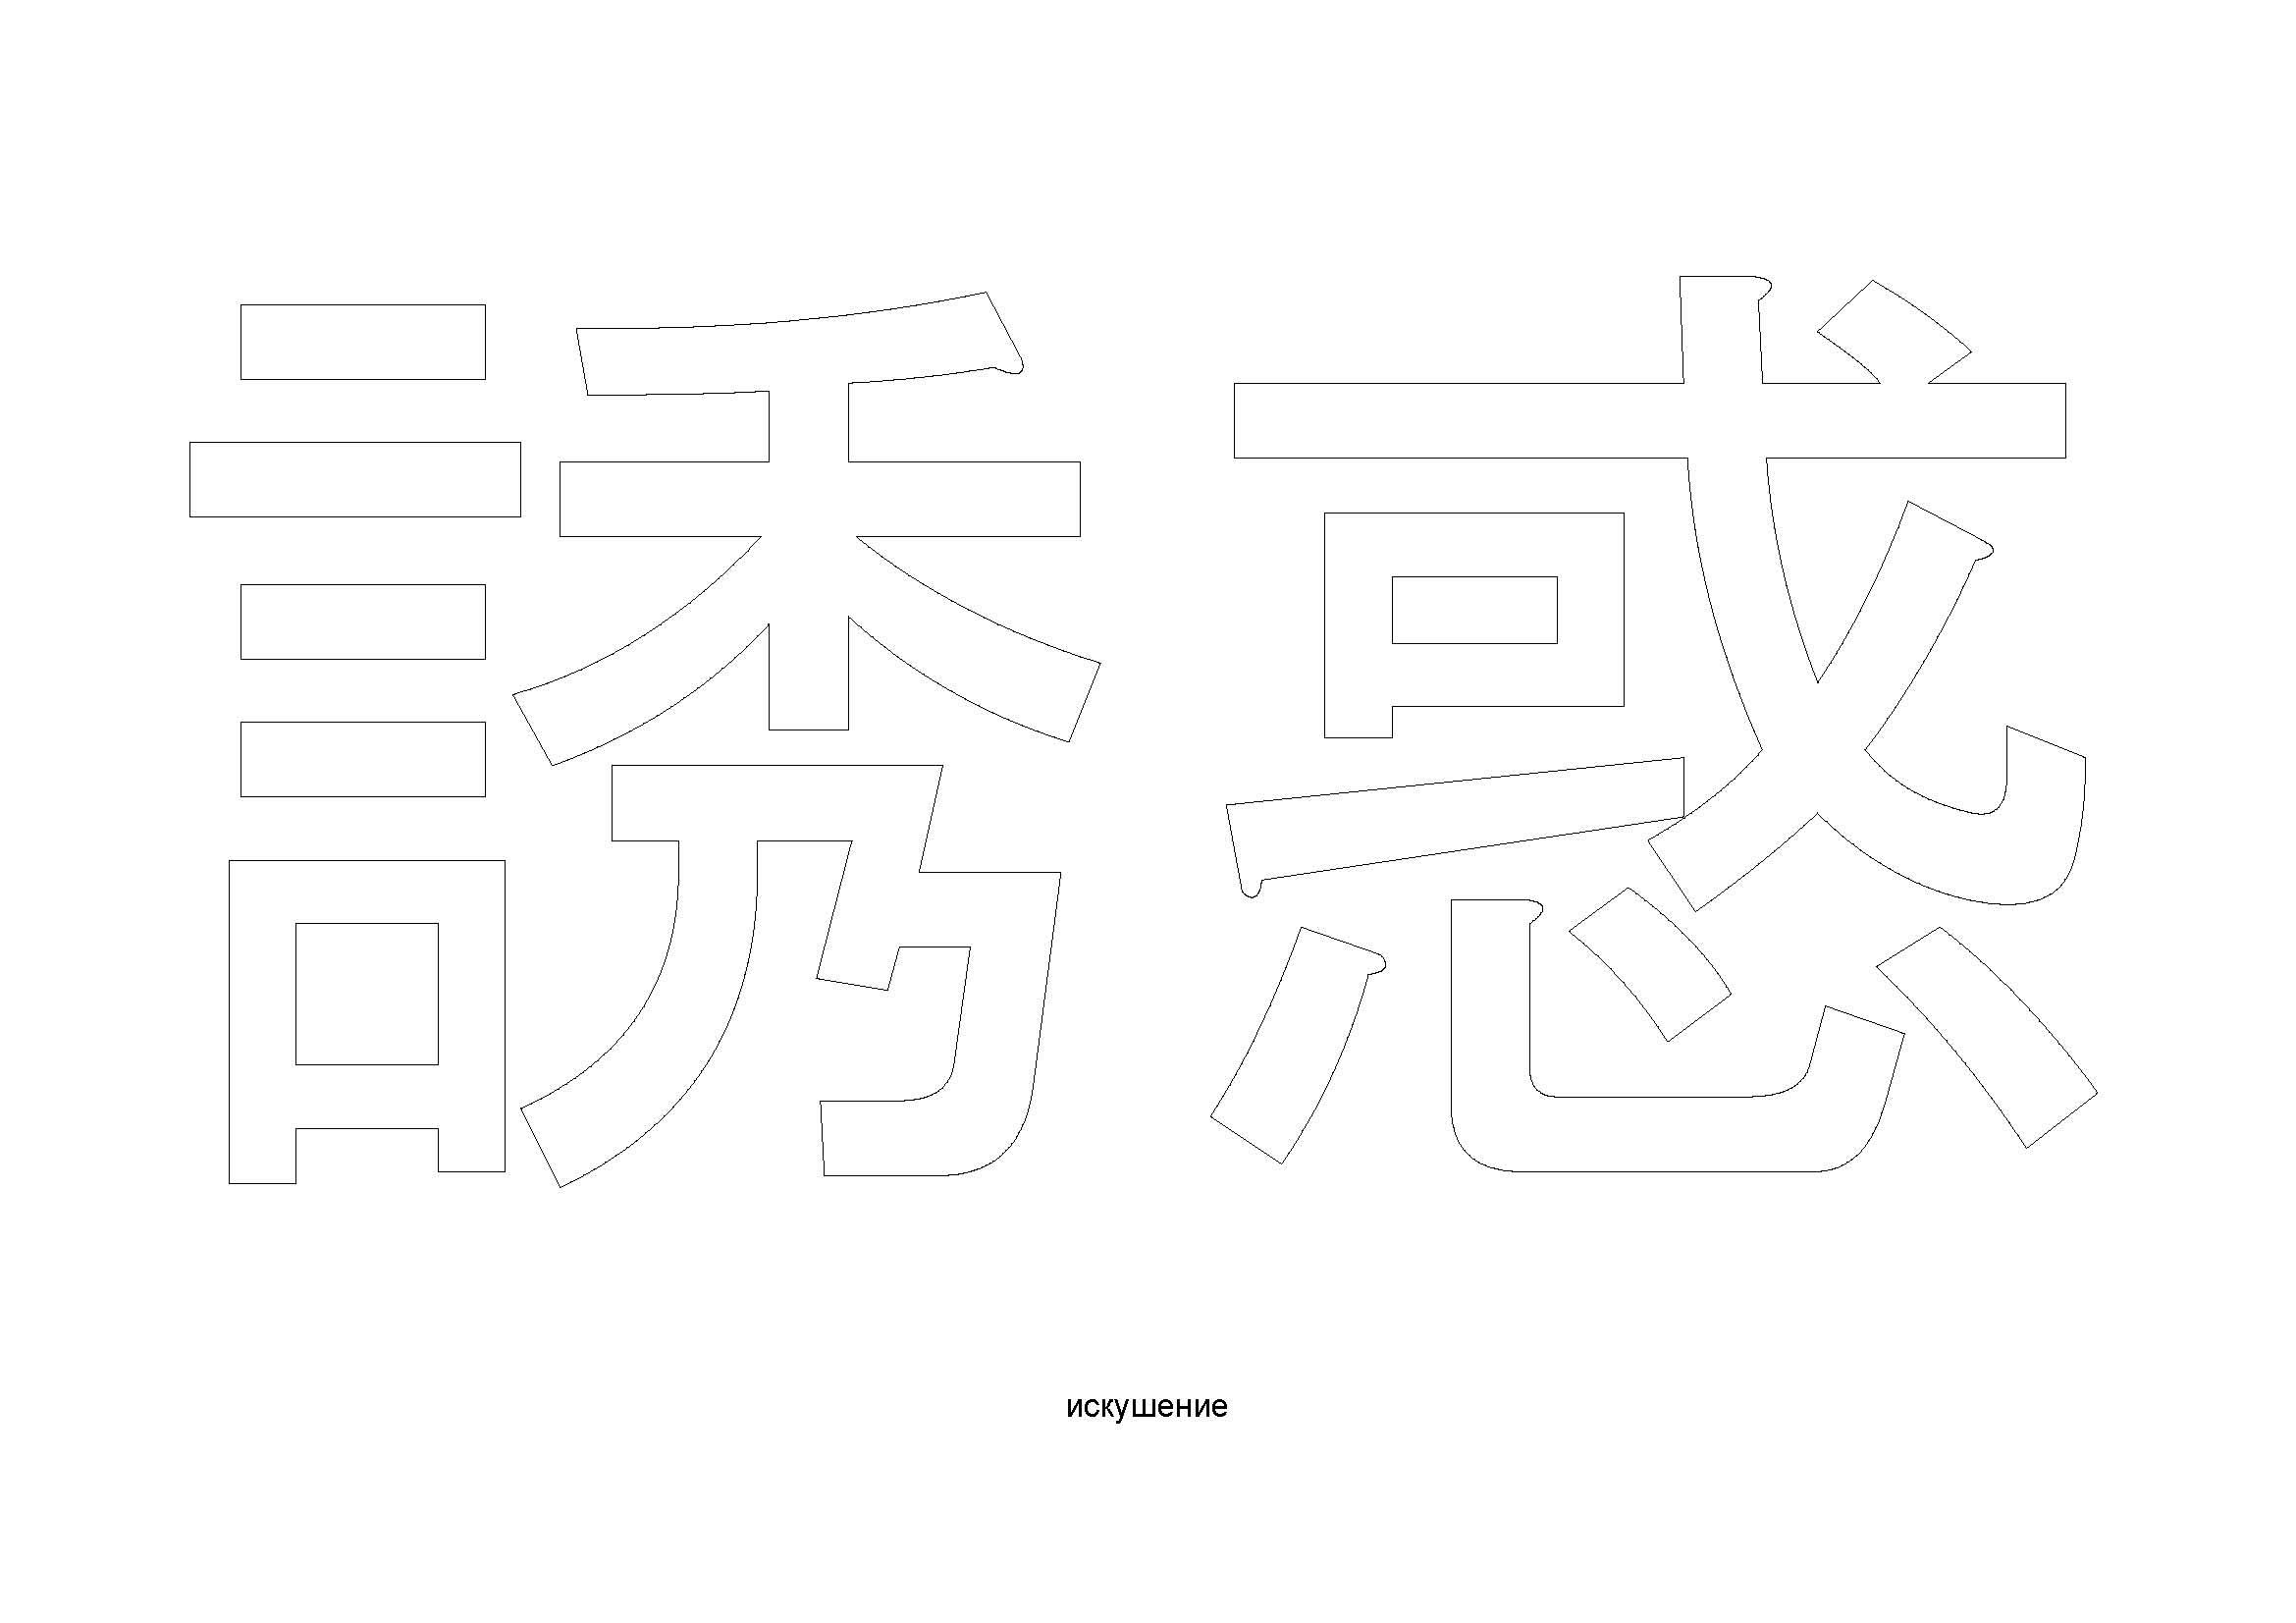 Раскраска иероглифы распечатать этого под